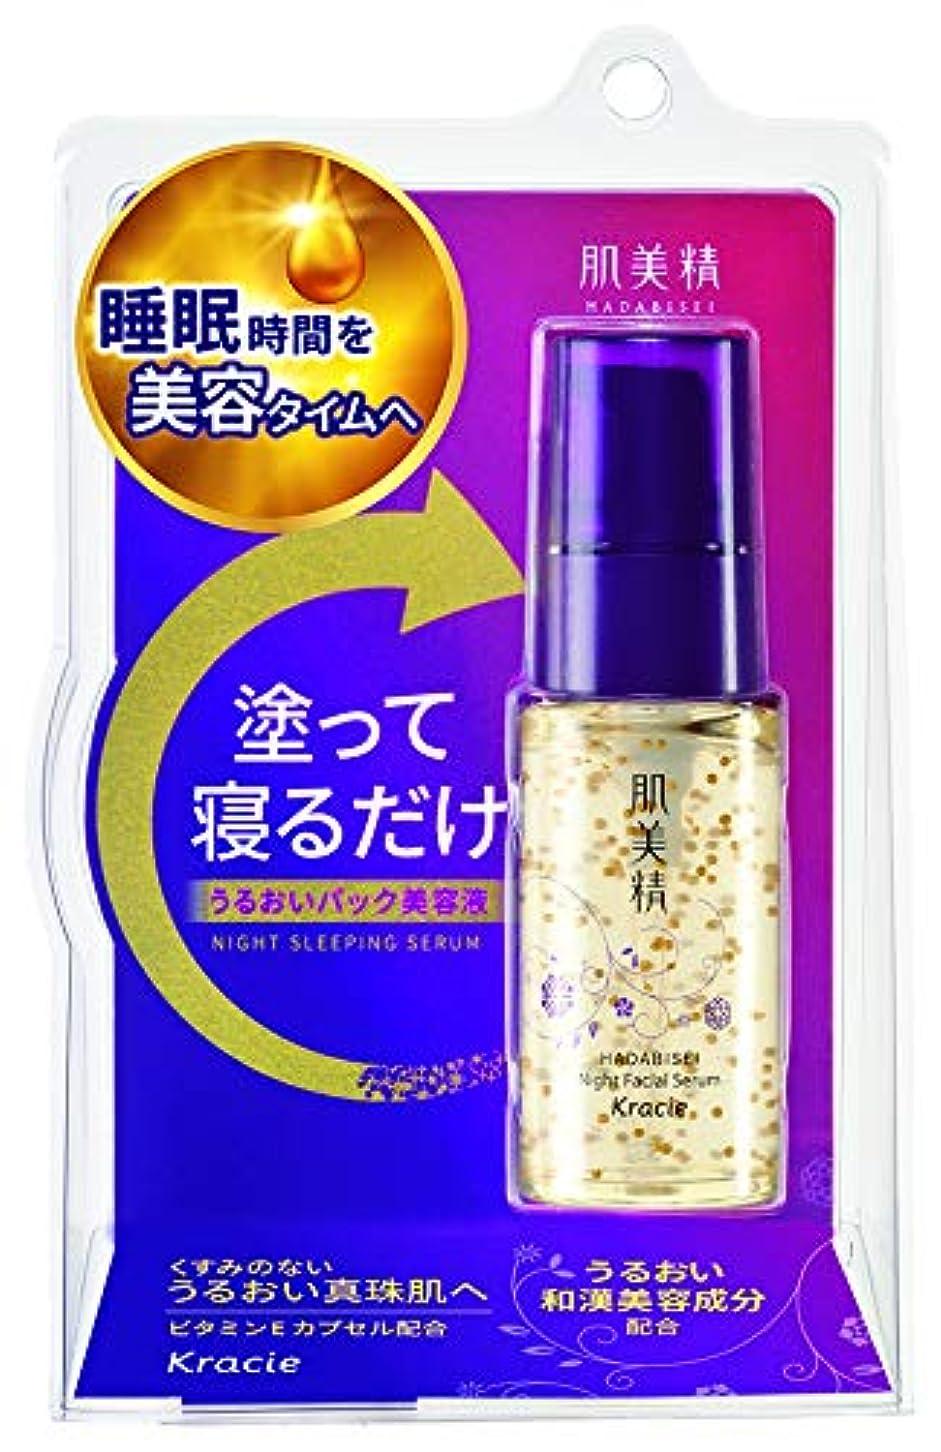 コピー不要パンサー肌美精 ターニングケア保湿 ナイトスリーピングセラム美容液30g ビタミンEカプセル配合